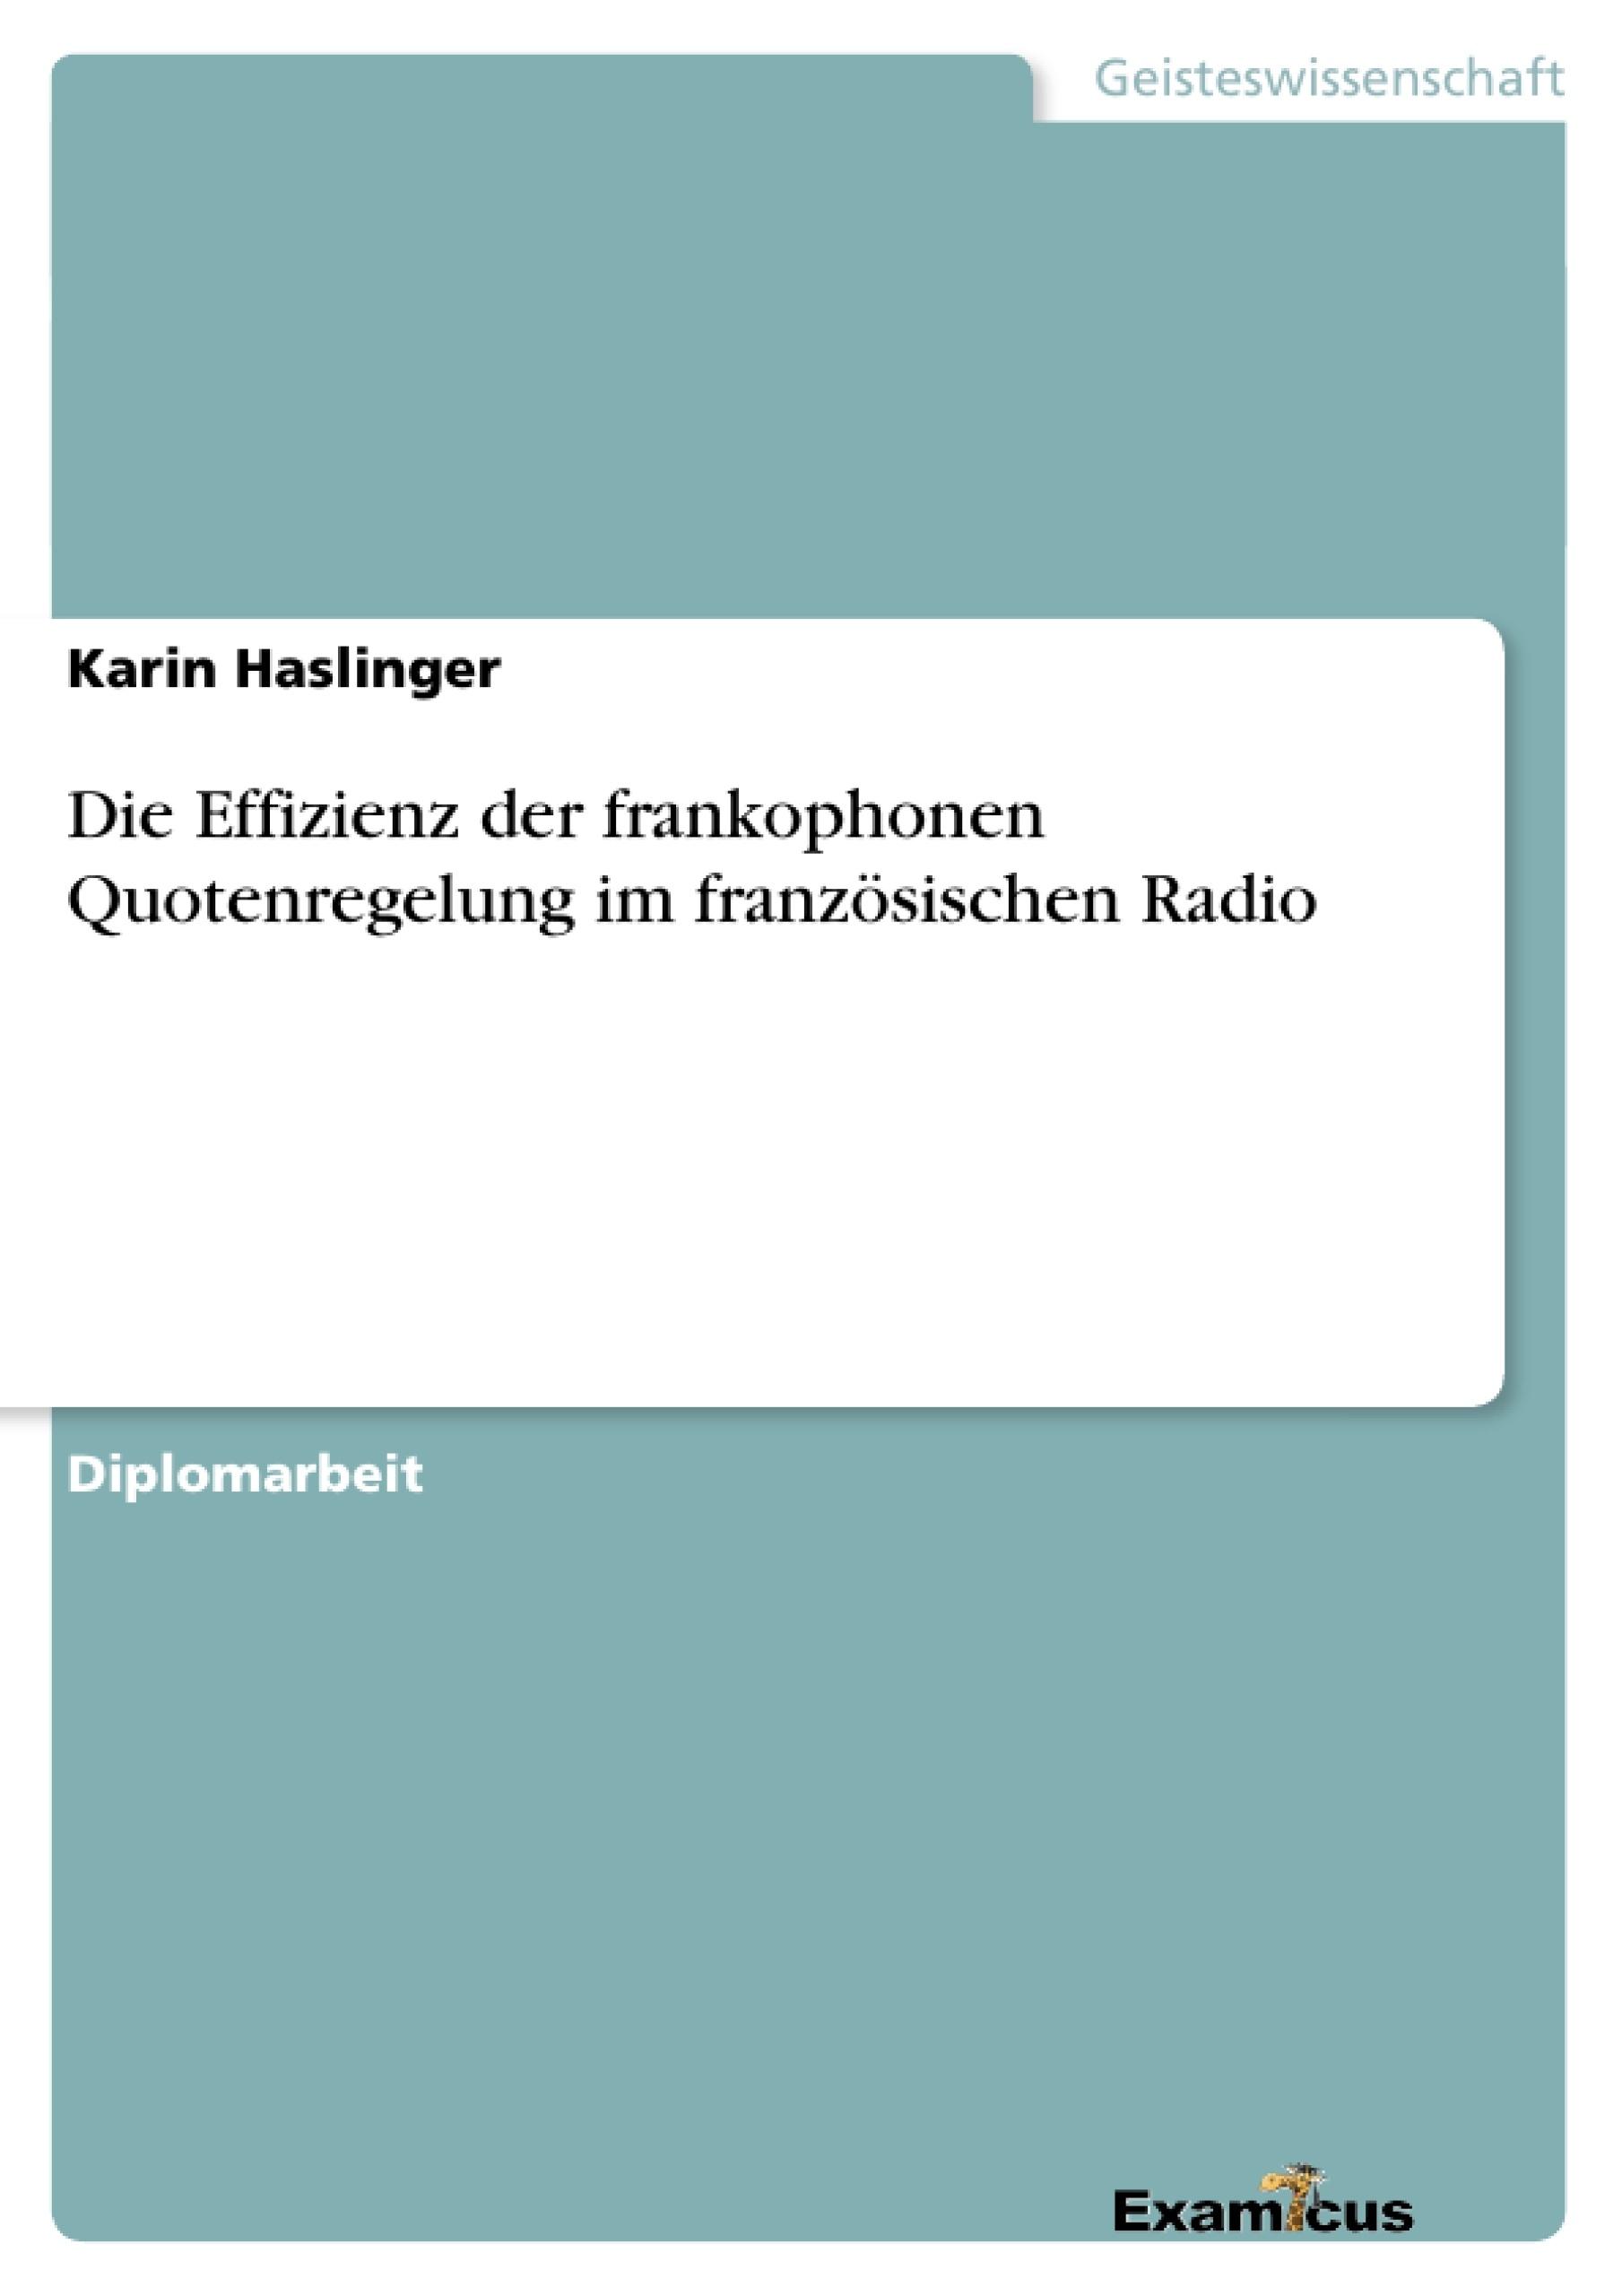 Titel: Die Effizienz der frankophonen Quotenregelung im französischen Radio